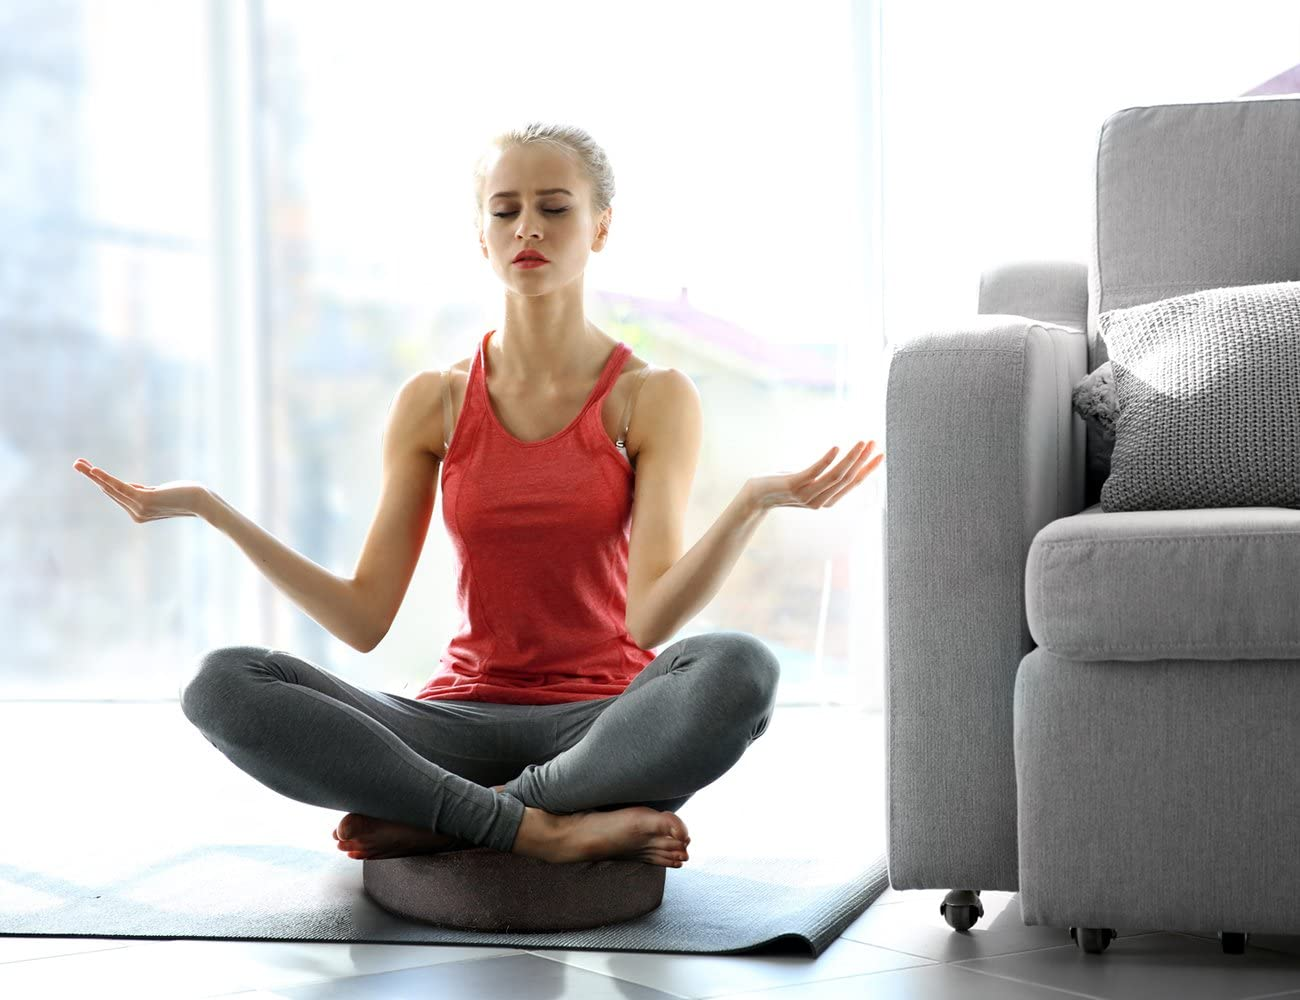 Reehut Zafu Cuscino per Meditazione Yoga Imbottito con Grano Saraceno Rivestimento in Cotone Organico o Canapa,33/×33/×11cm(Nero)